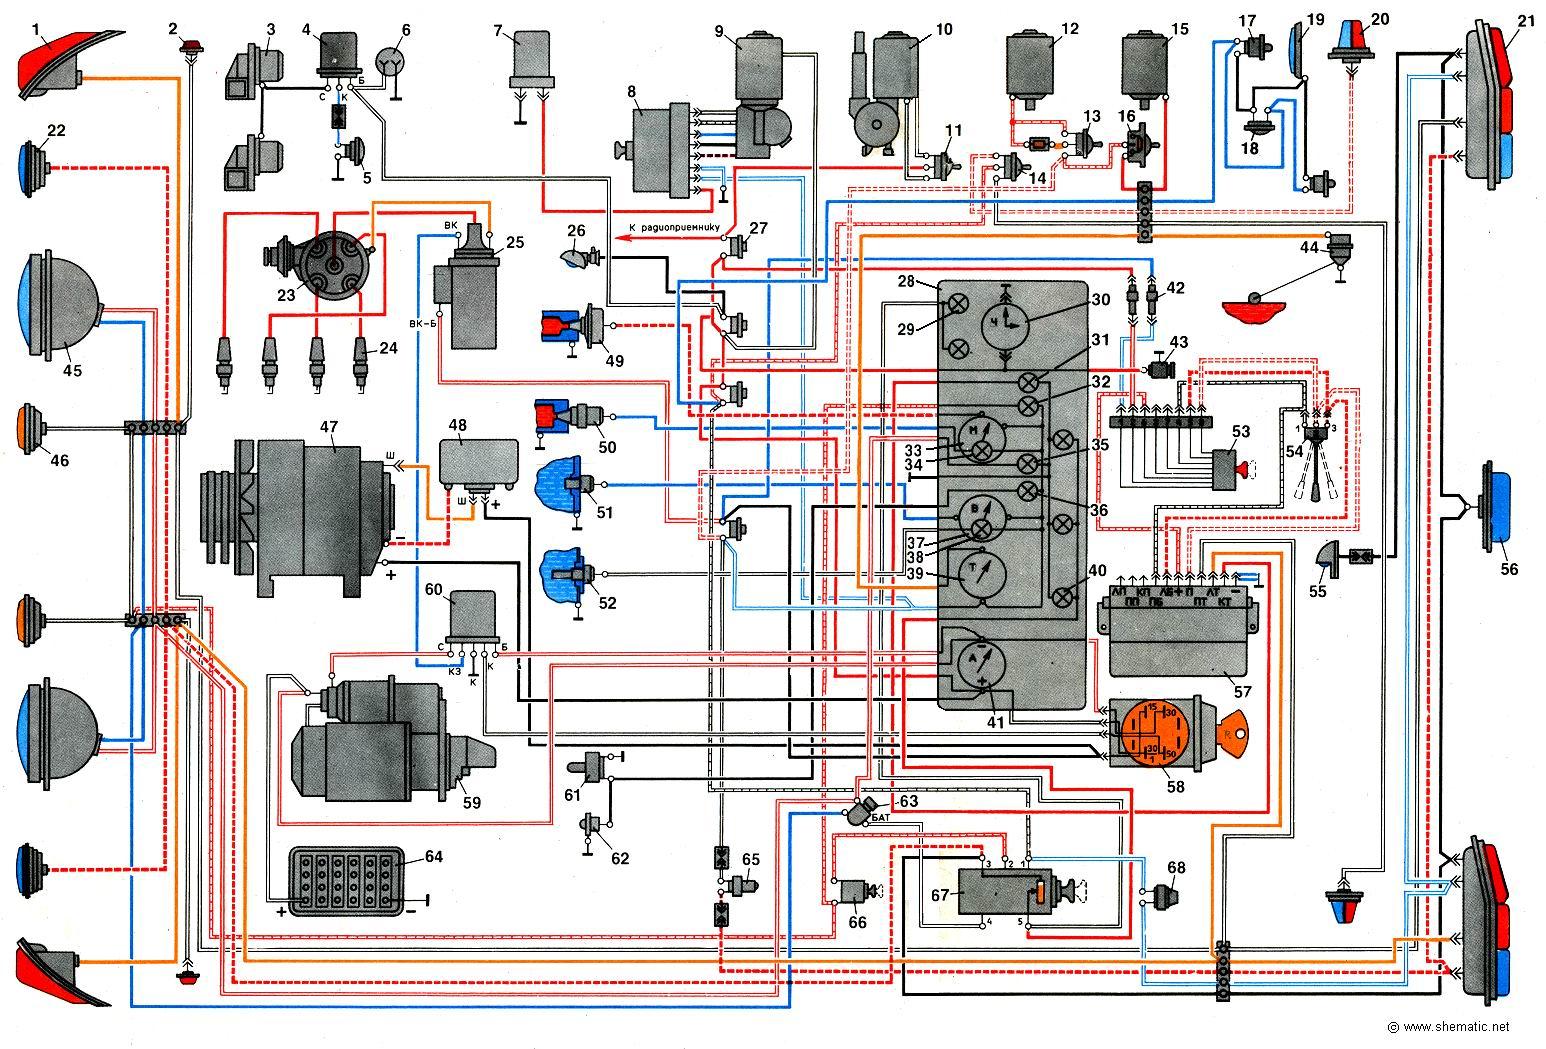 схема электроцепи лазера